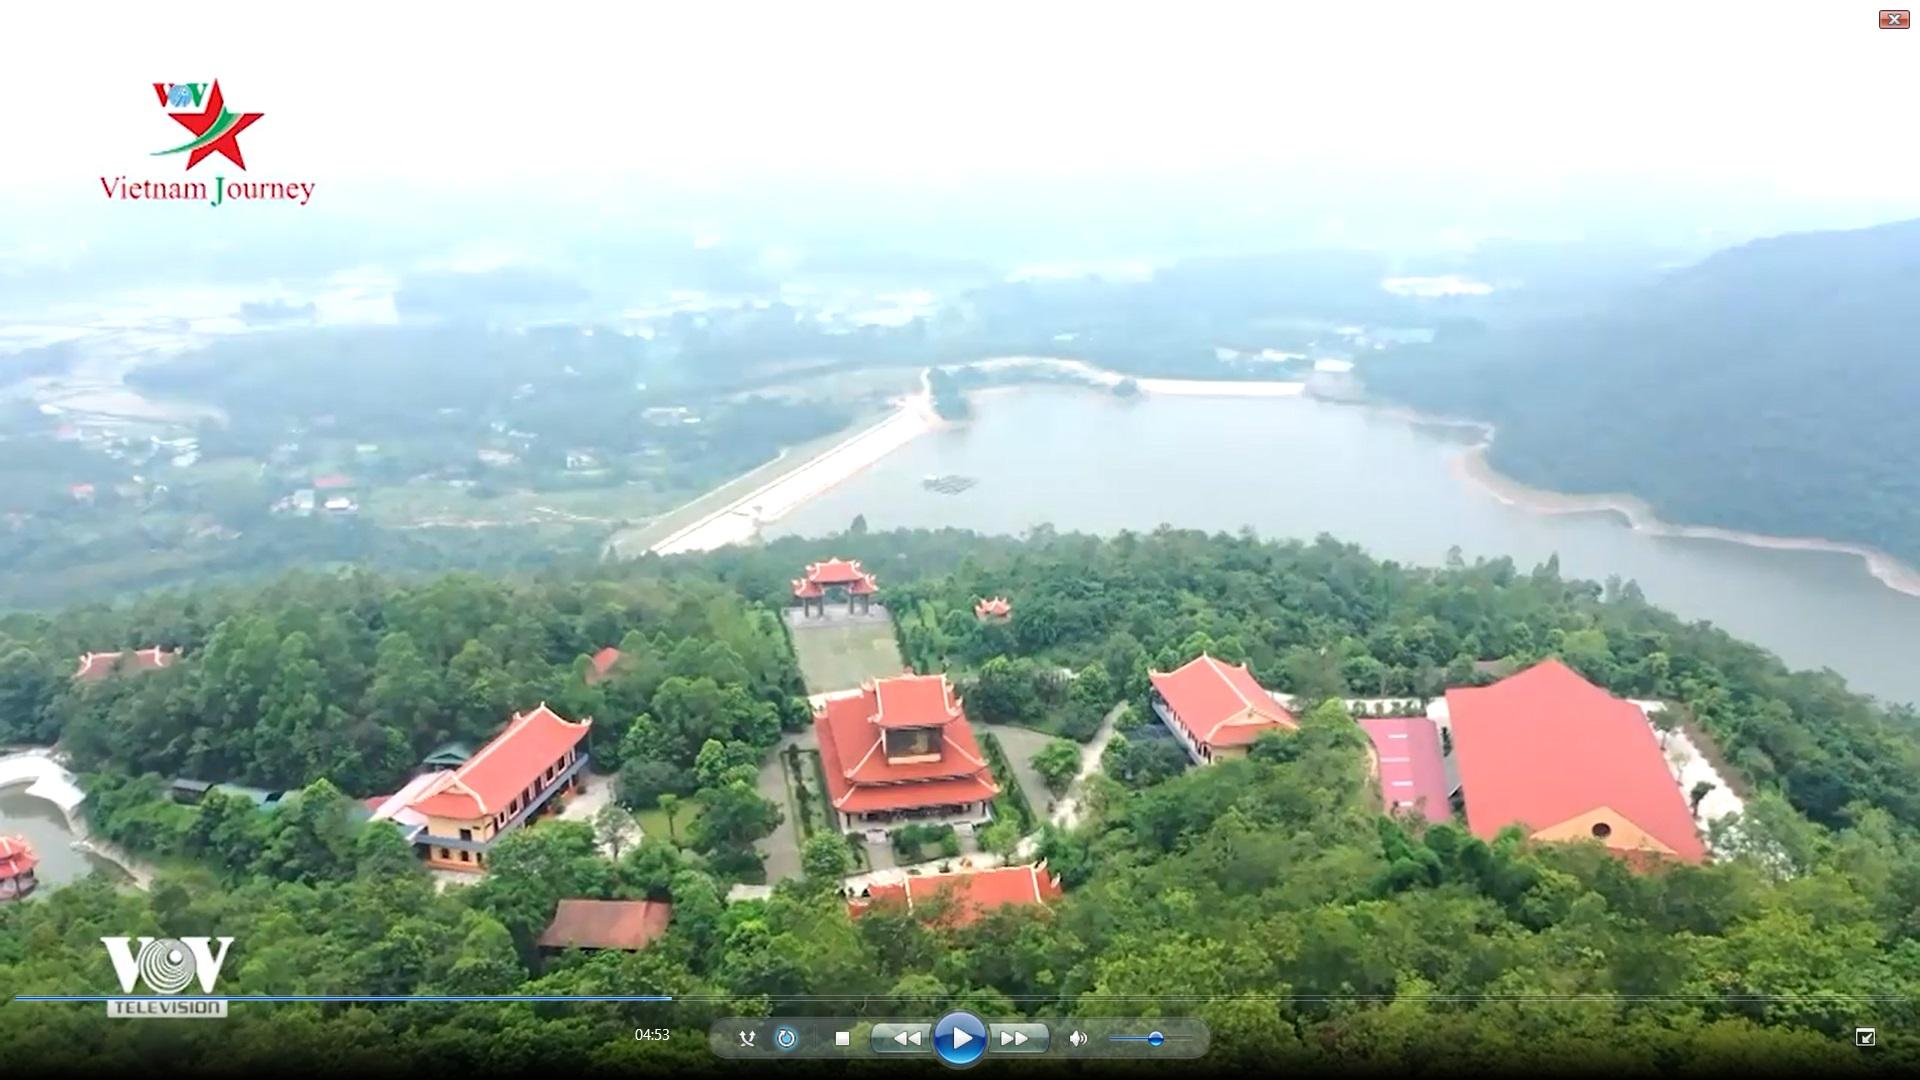 Thiền viện Tuệ Đức - Đóa sen Bát Nhã giữa mây trời Sông Lô